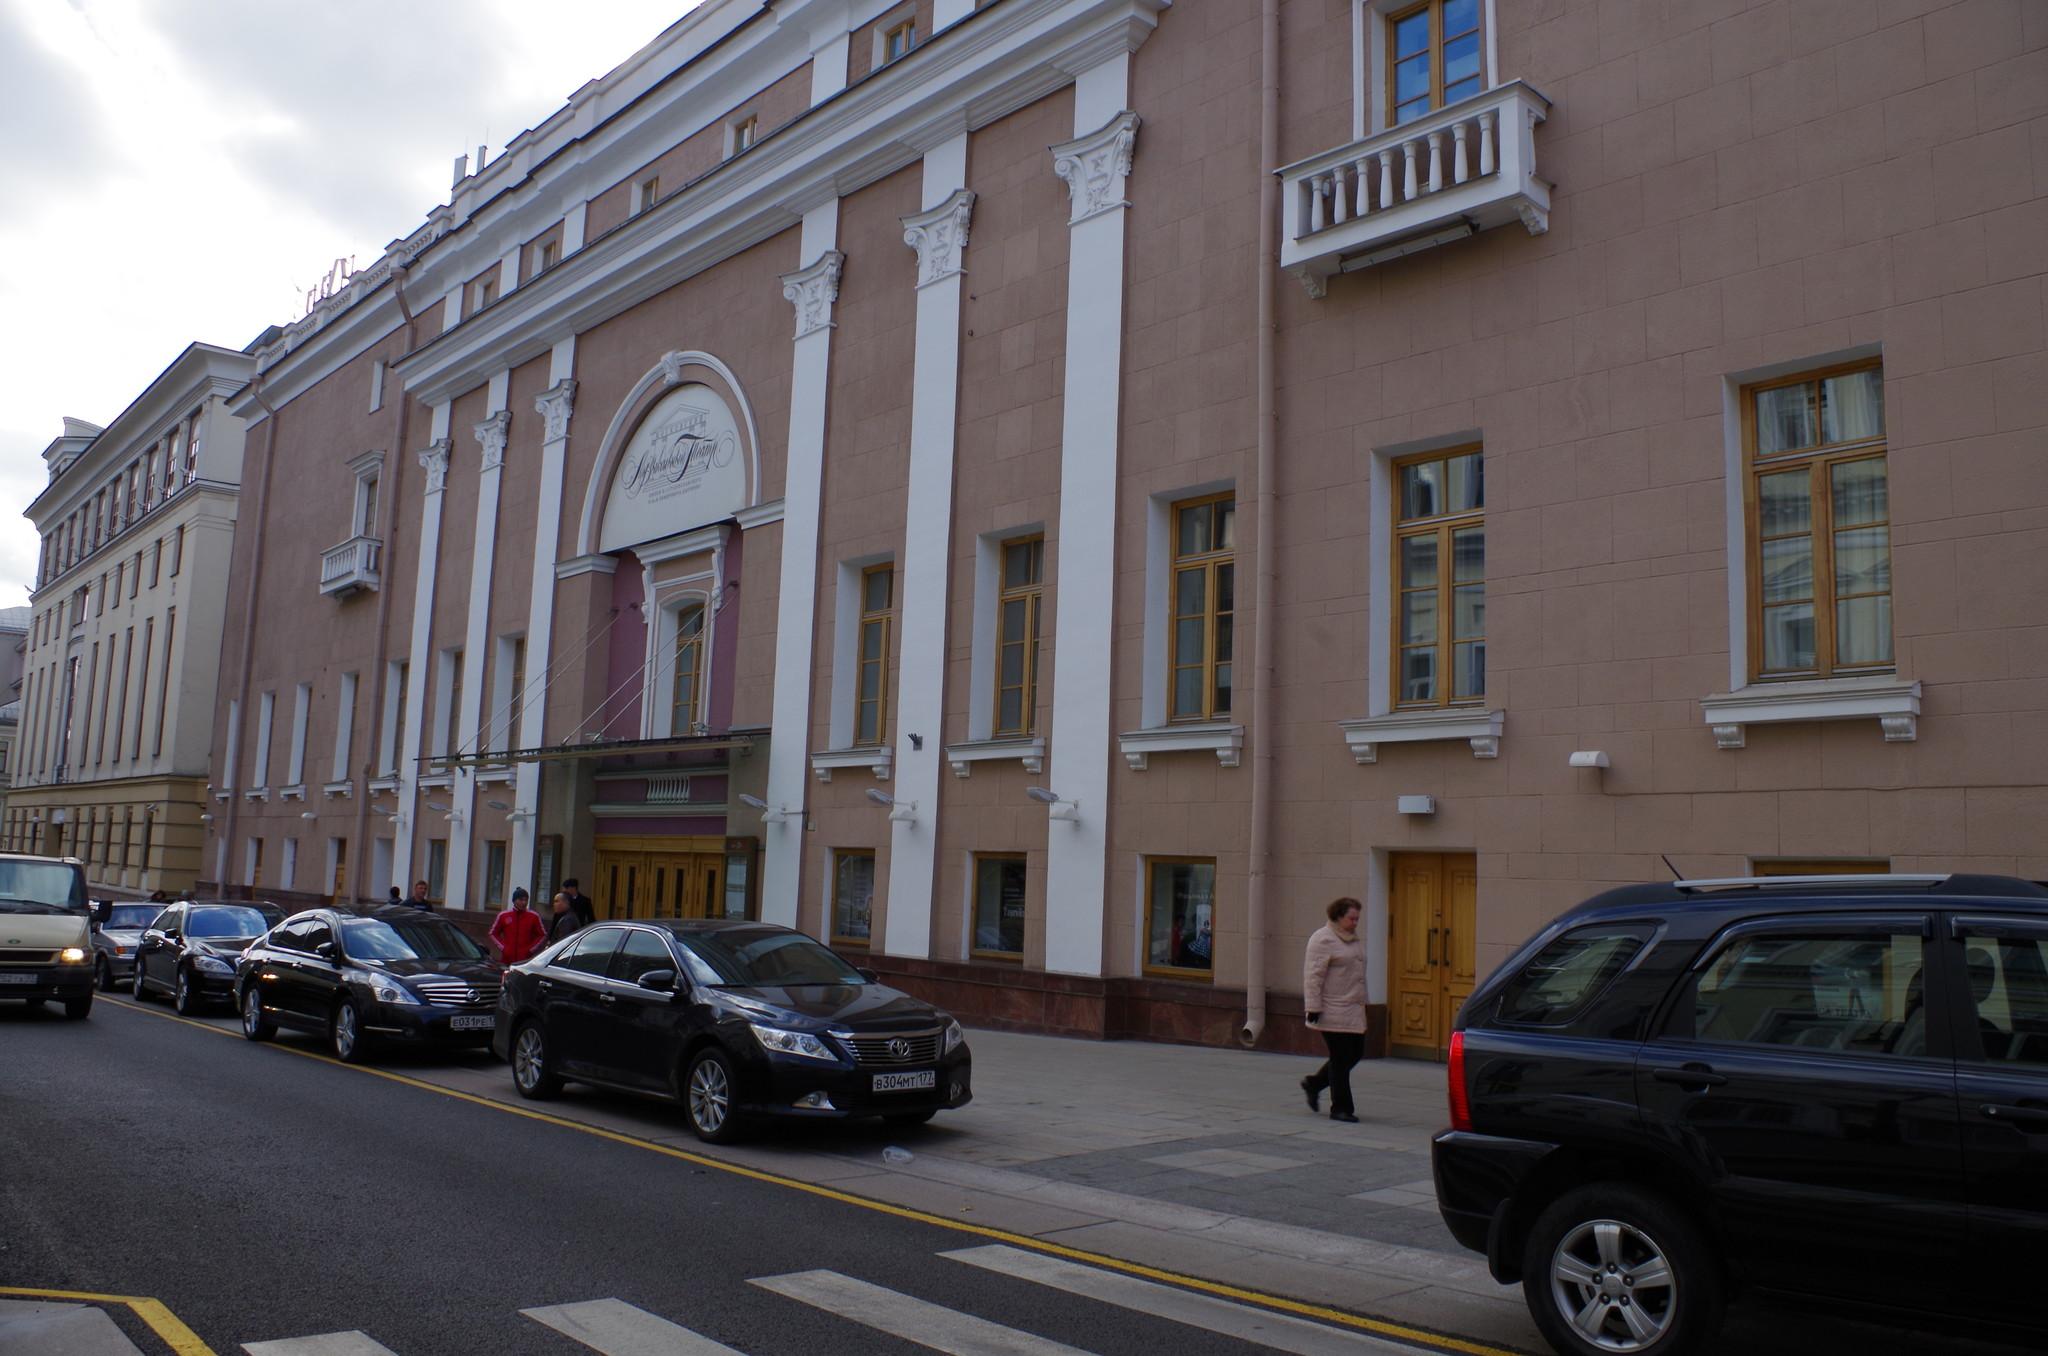 Московский академический музыкальный театр имени К.С. Станиславского и Вл.И. Немировича-Данченко